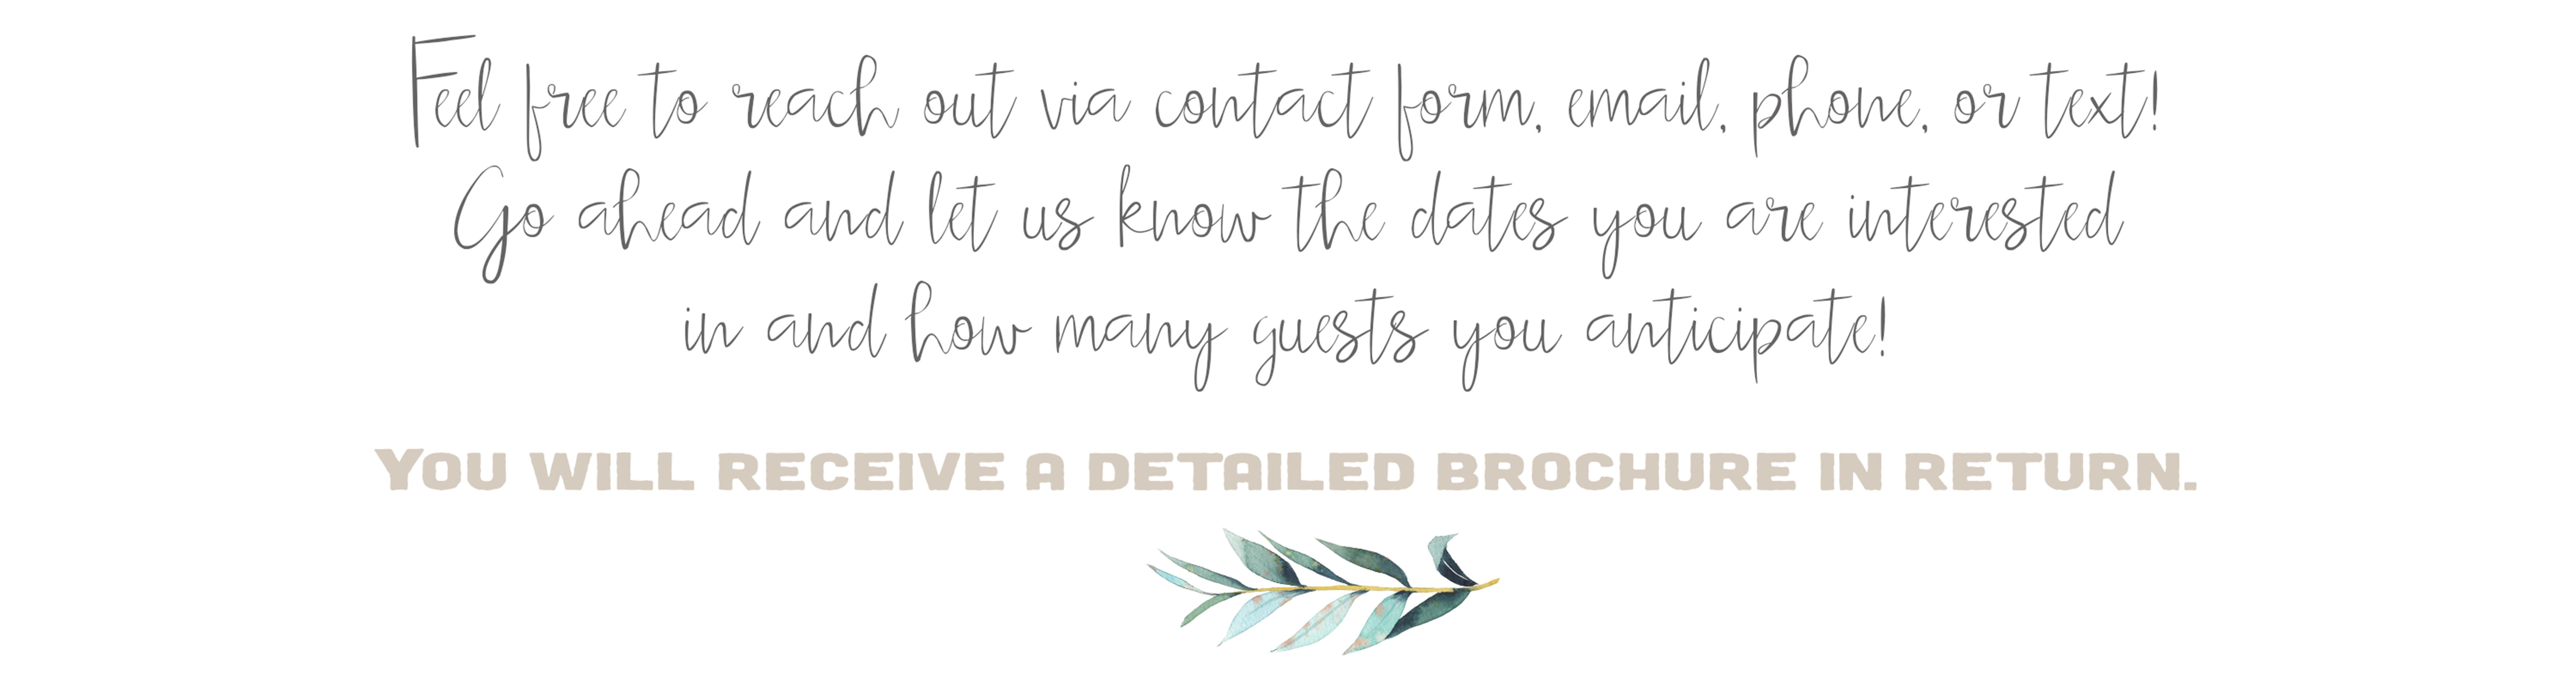 Say Hi details PDF Brochure request